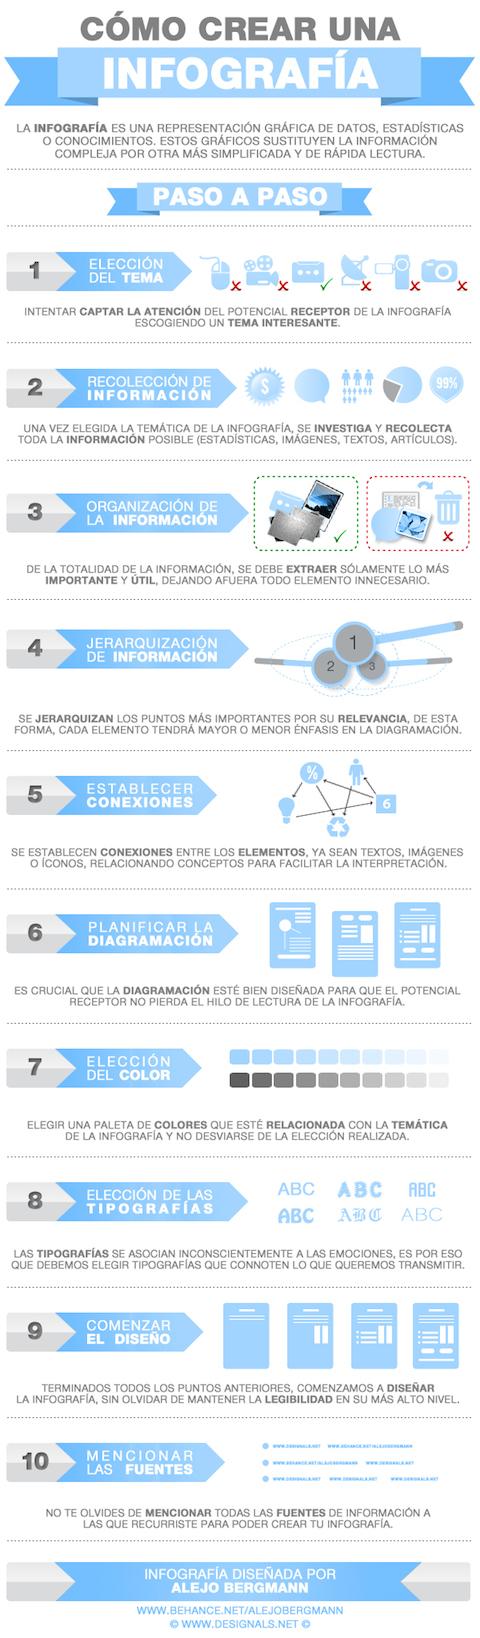 INFOGRAFÍA DE INFOGRAFIAS